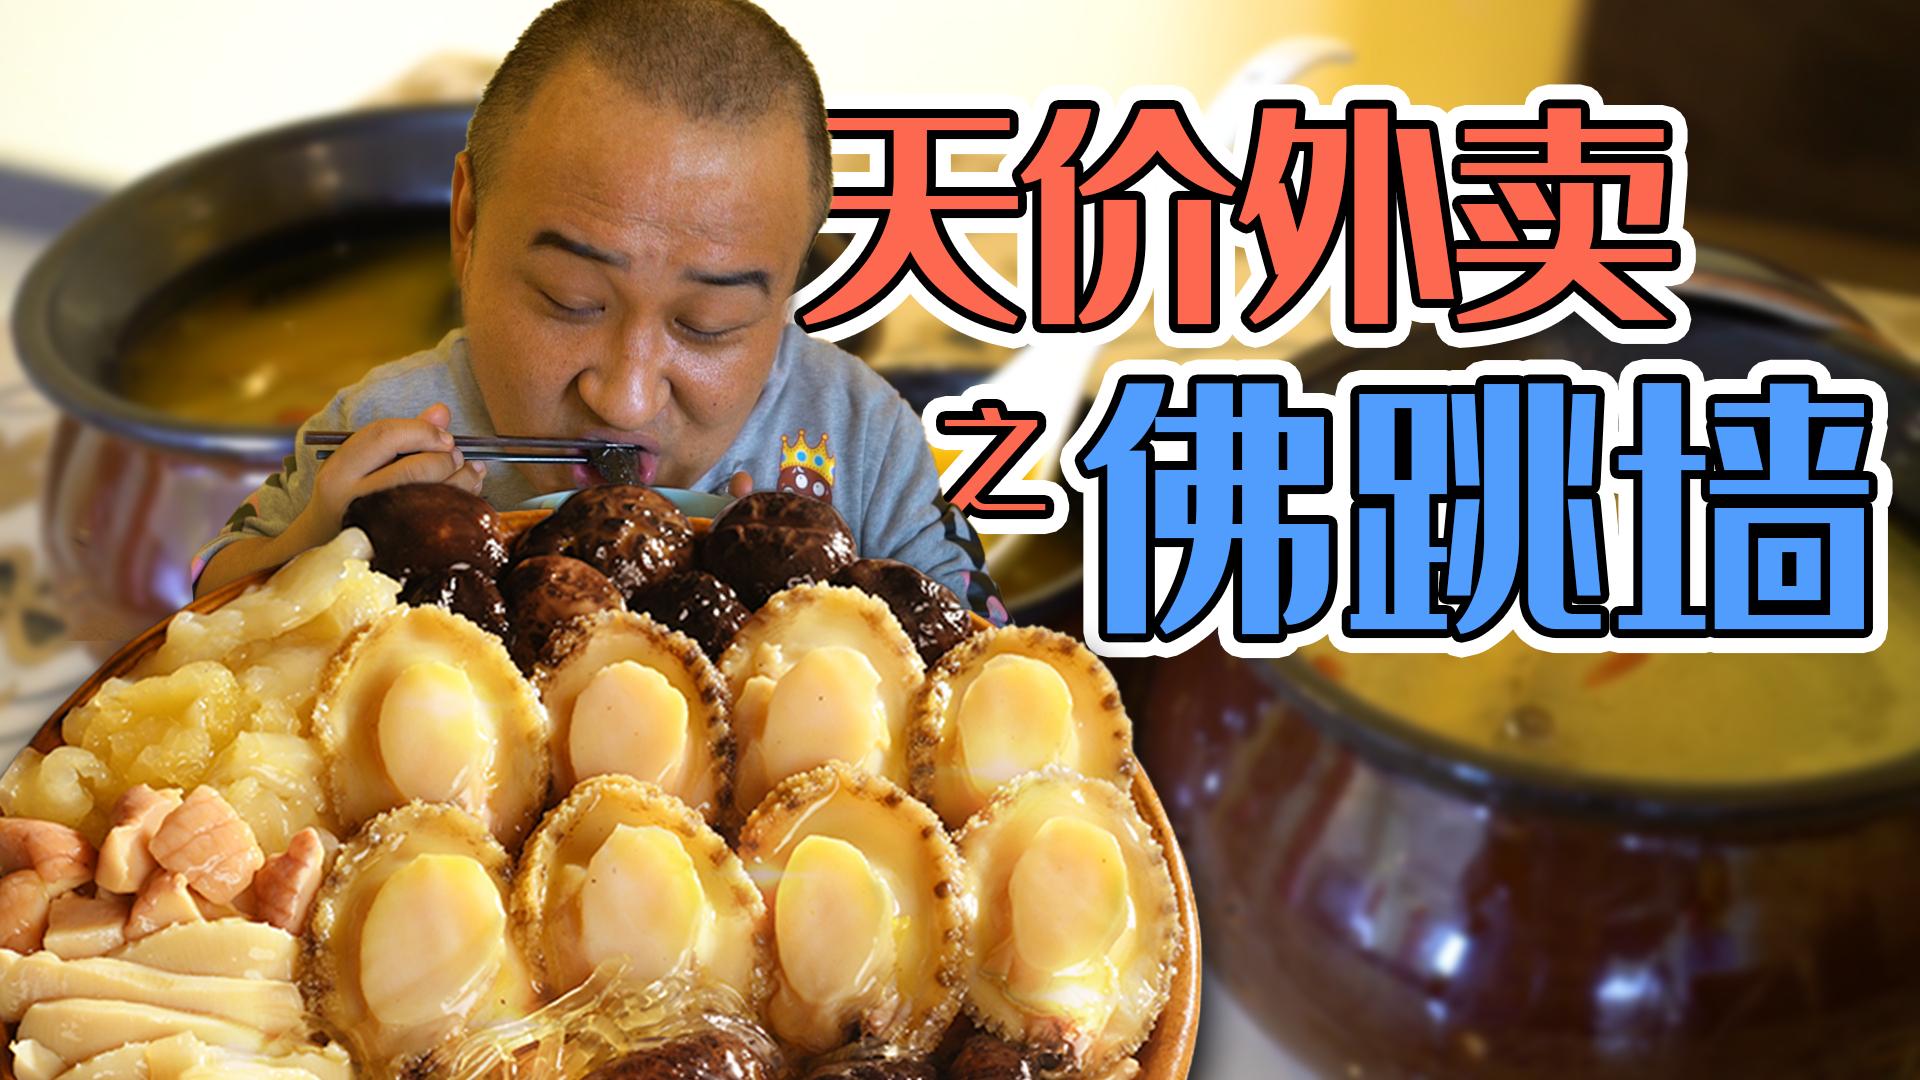 【吃货请闭眼】最贵米饭158?试吃560元外卖佛跳墙,用鲍鱼海参鱼翅7天才能做?